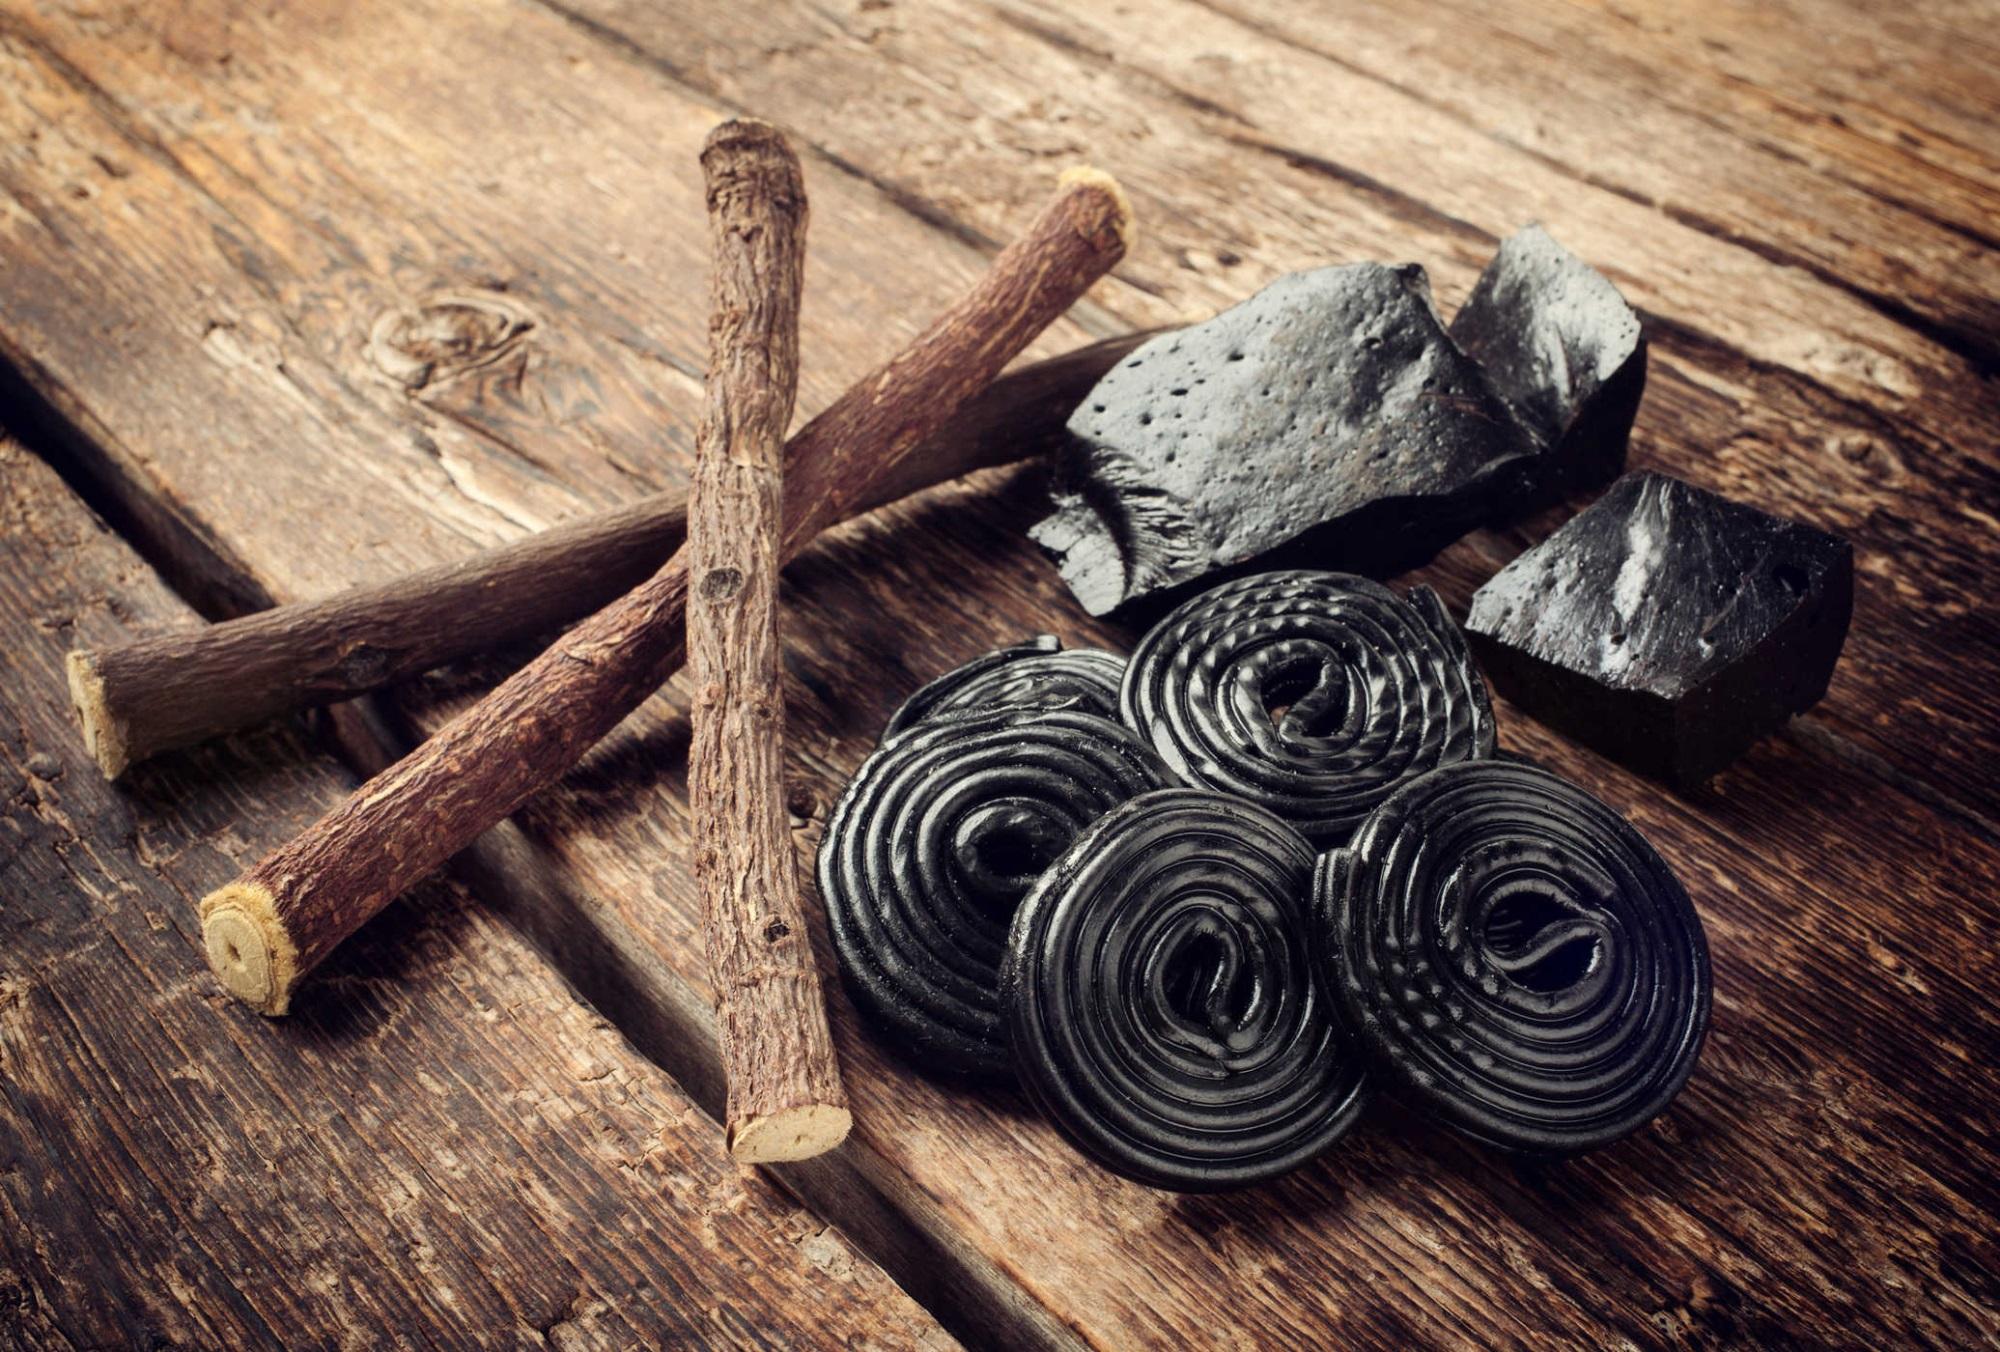 thường xuyên tiêu thụ kẹo cam thảo có thể giúp bạn cải thiện tâm trạng, suy nghĩ tích cực hơn.